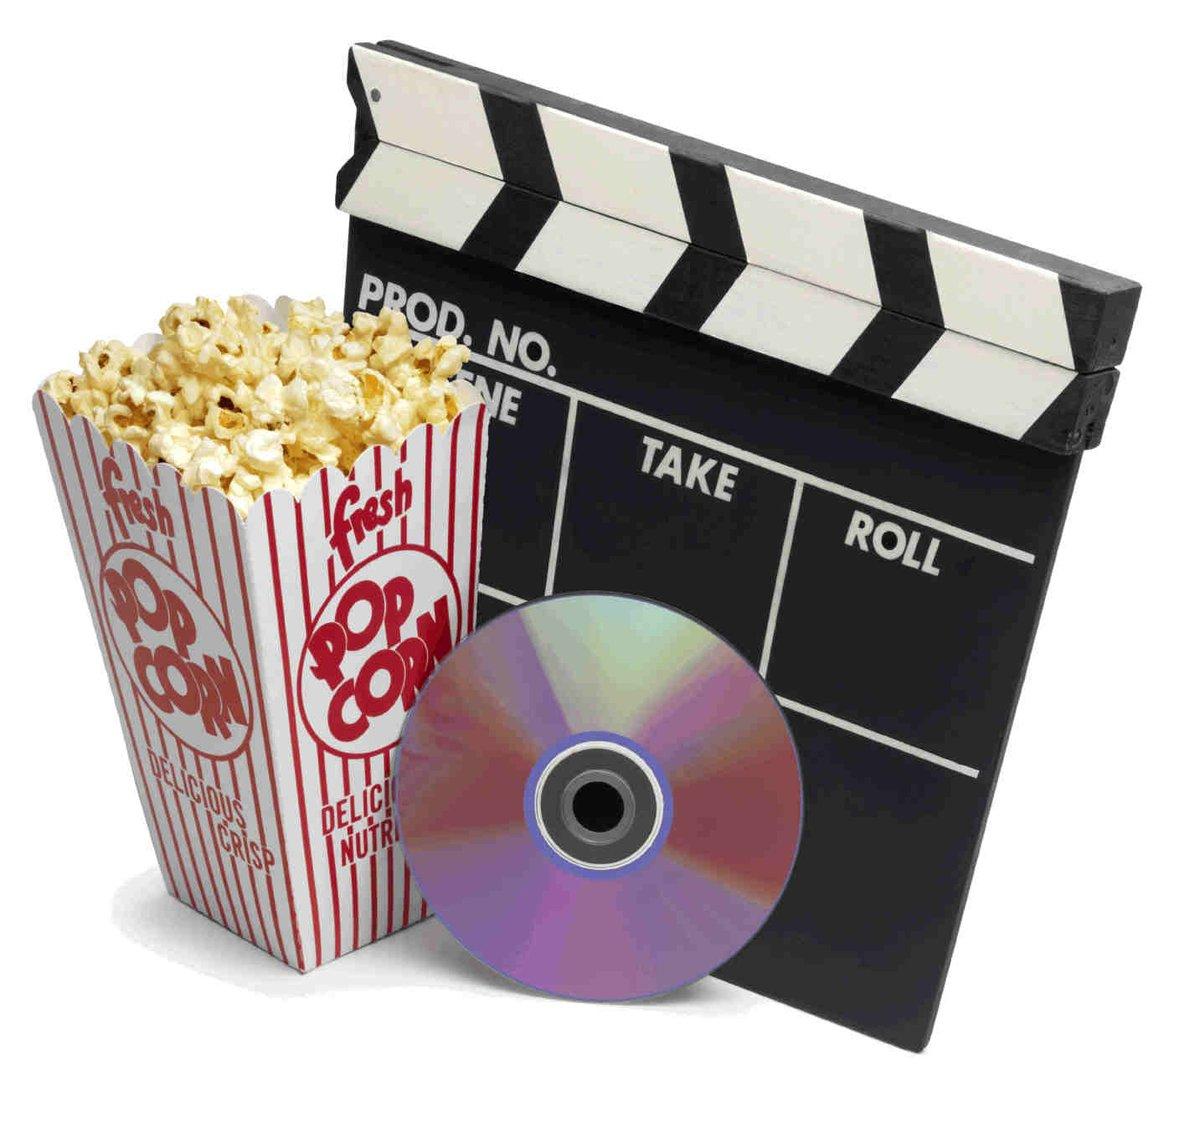 watch moana full movie online putlocker free